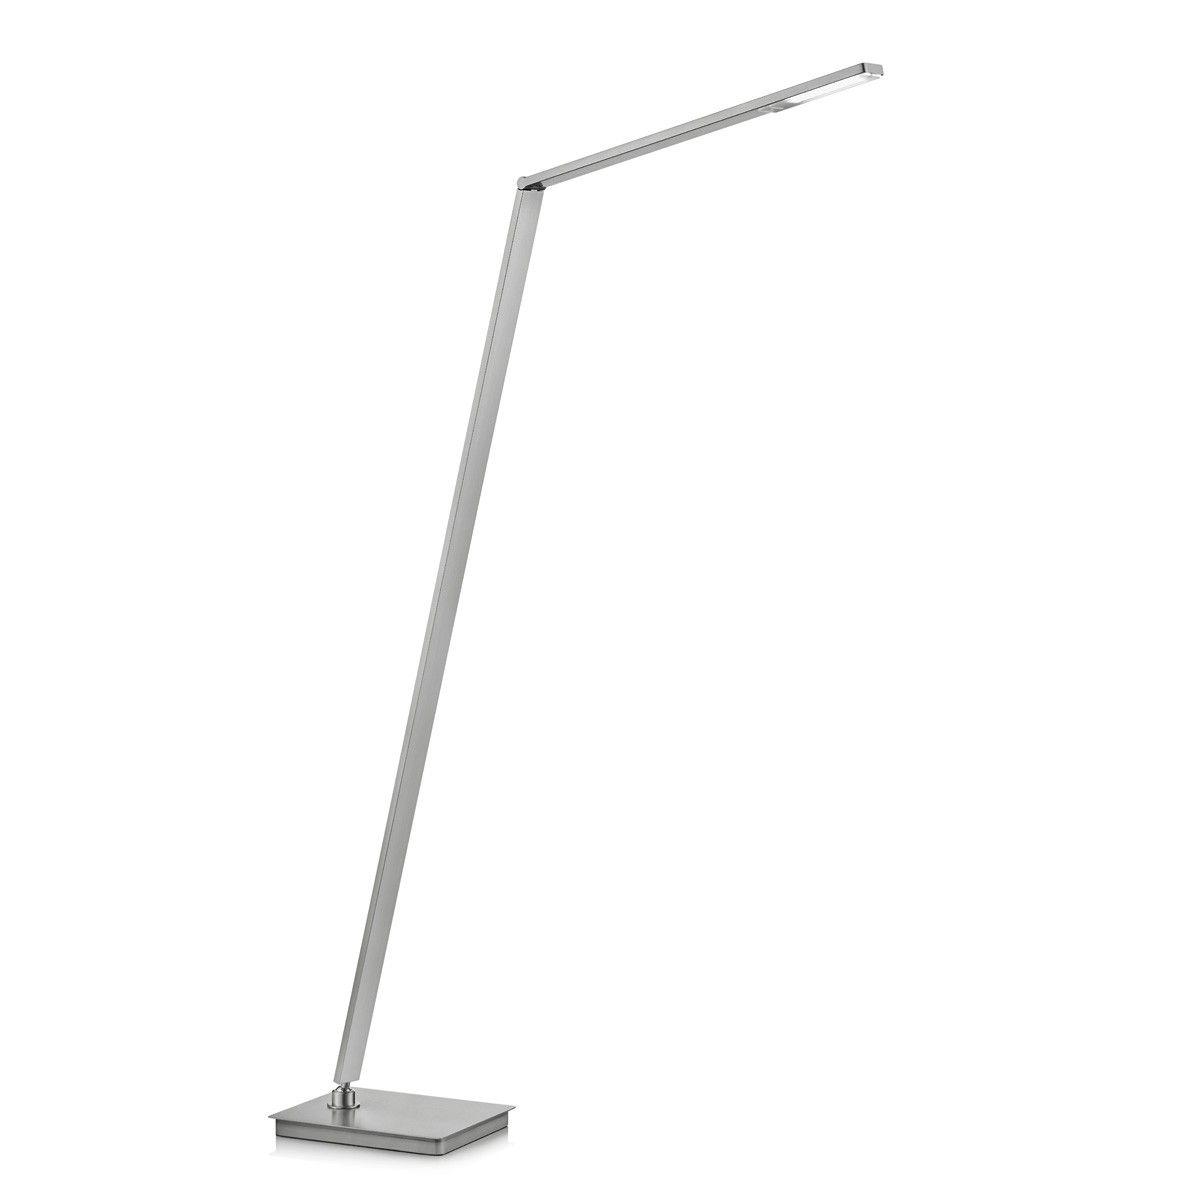 Knapstein 41 968 Stehleuchte Schwarz Deckenfluter Led Led Stehlampe Lampe Mit Batterie